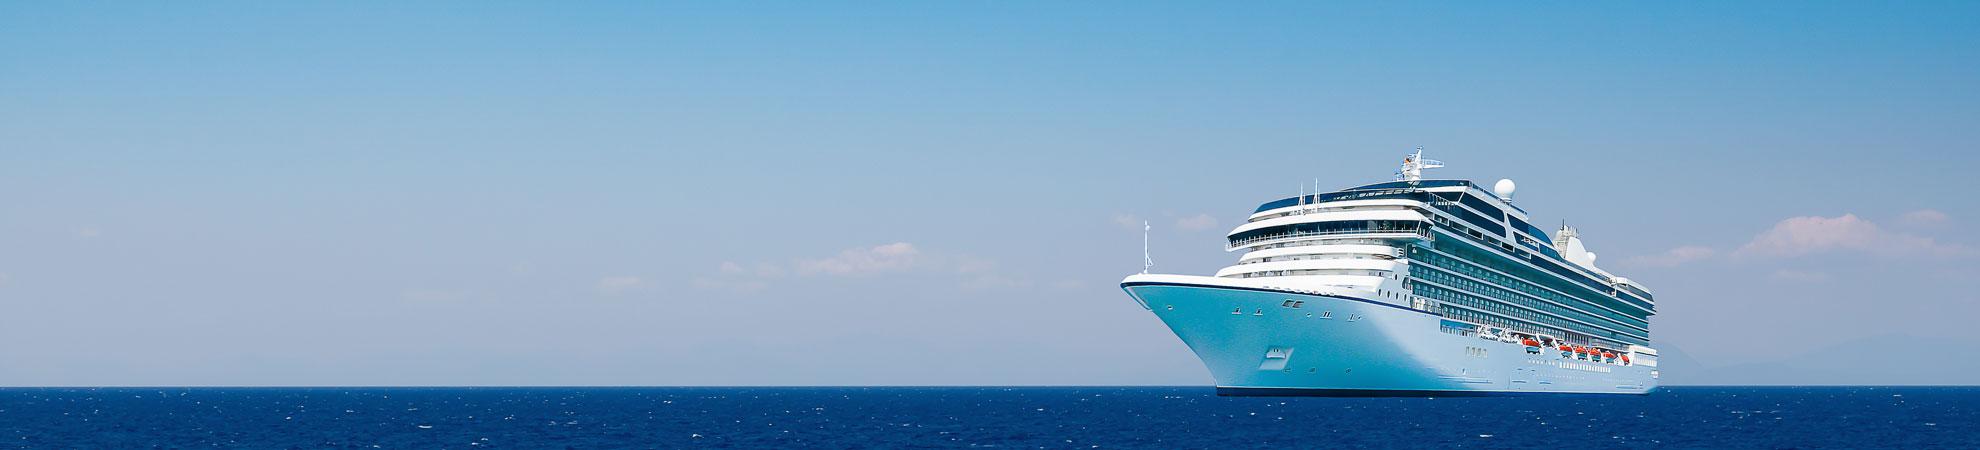 Comment aller au Japon en bateau ?